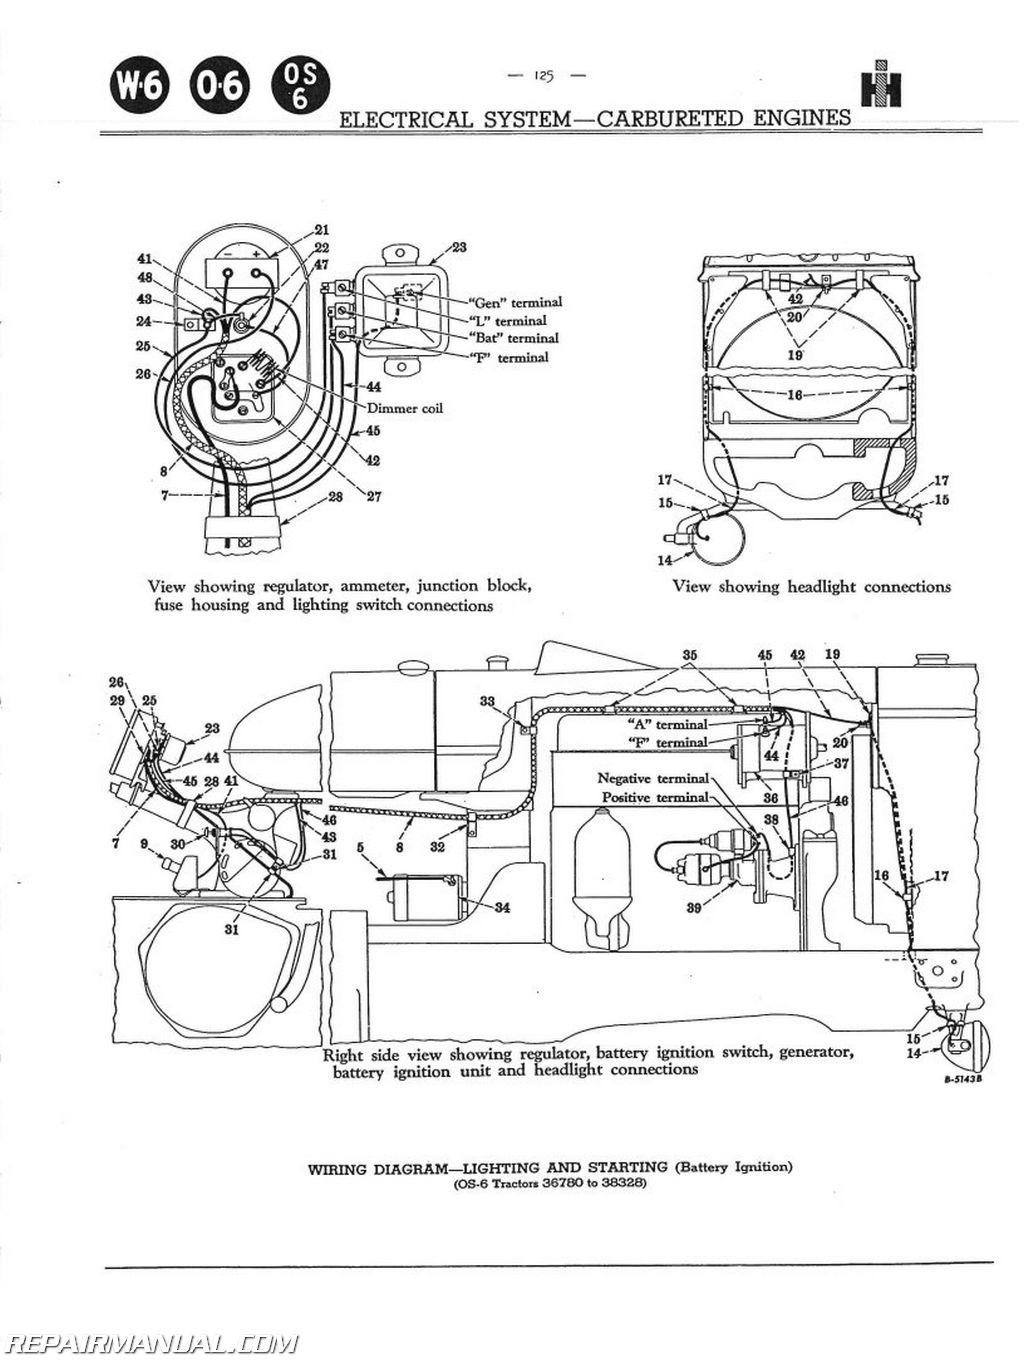 w6 engine